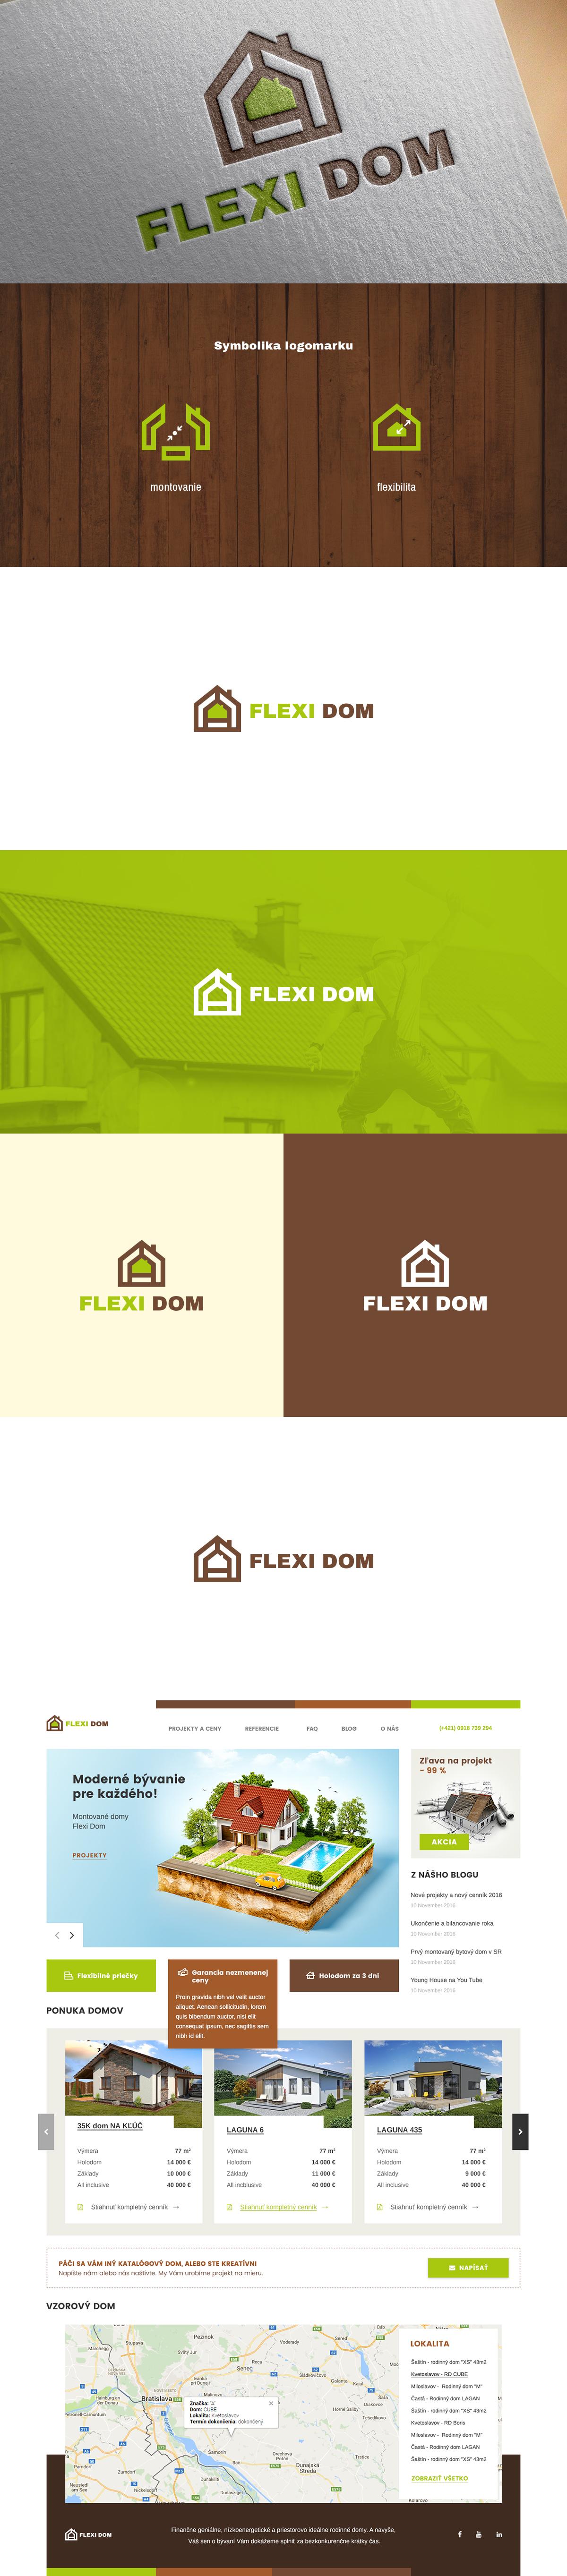 Flexi domy